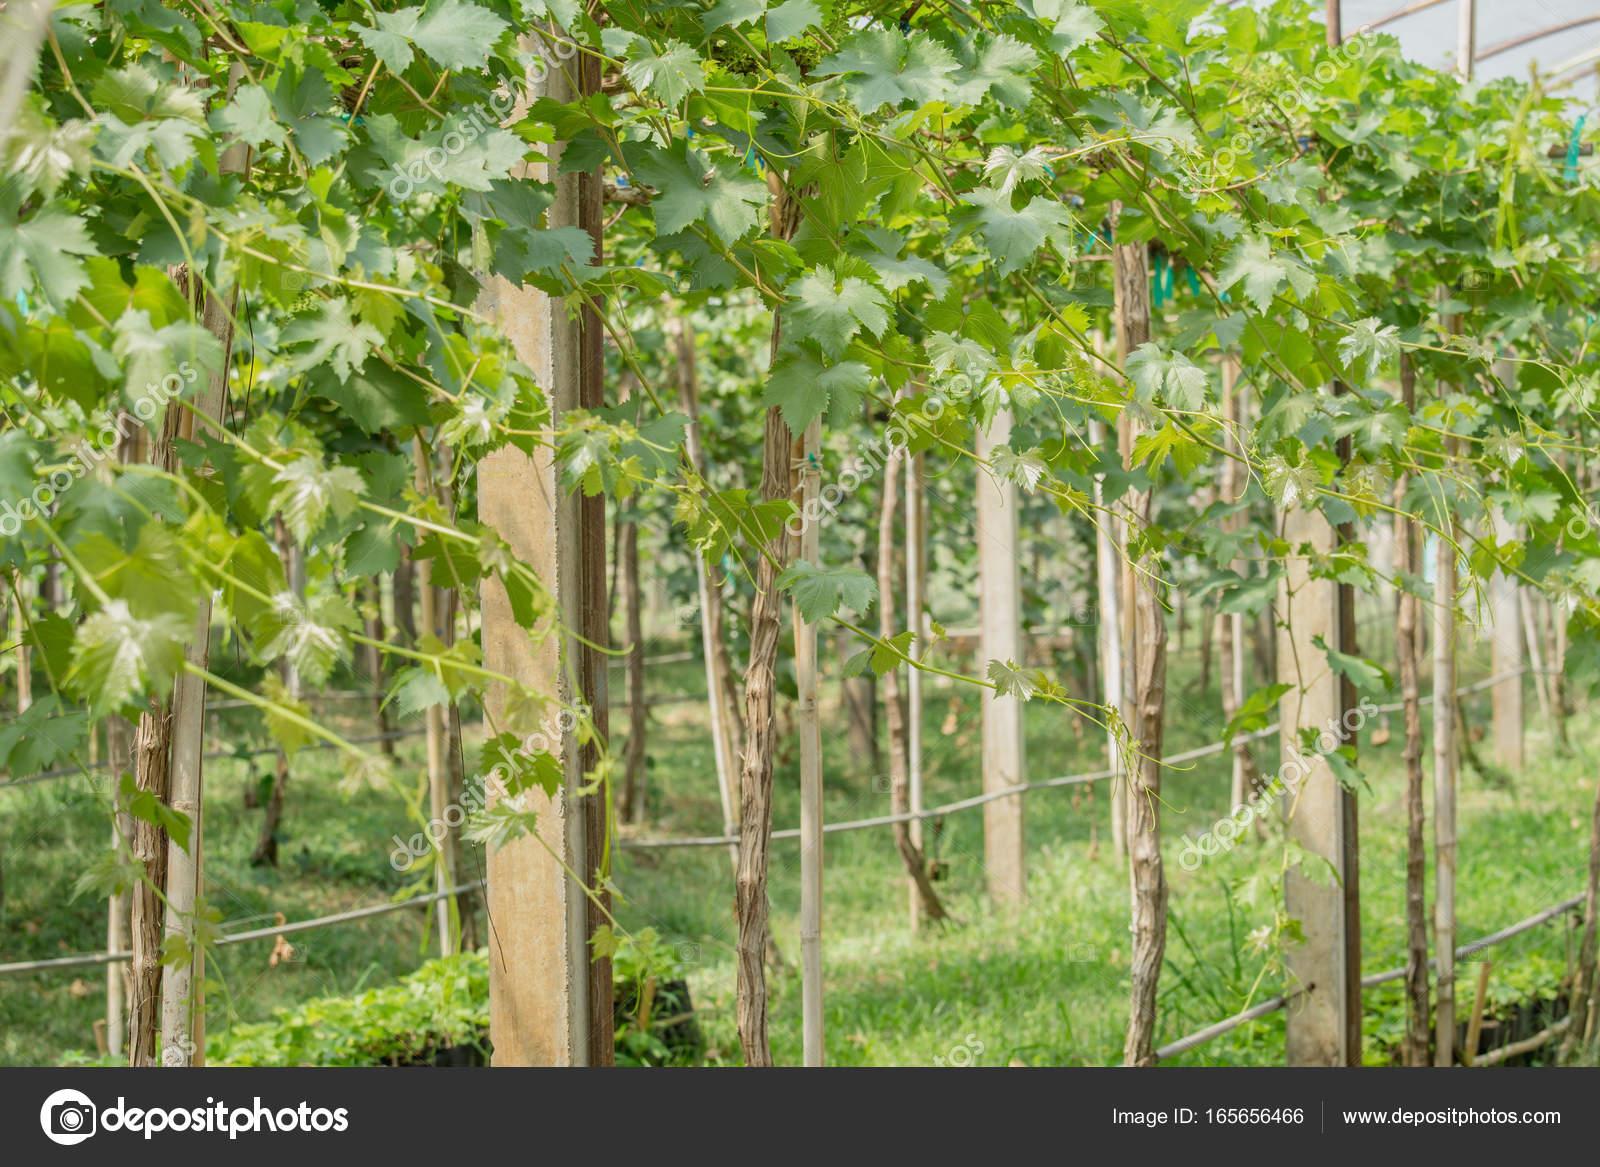 wein im garten, wein von trauben in landwirtschaftlichen garten — stockfoto © lamyai, Design ideen